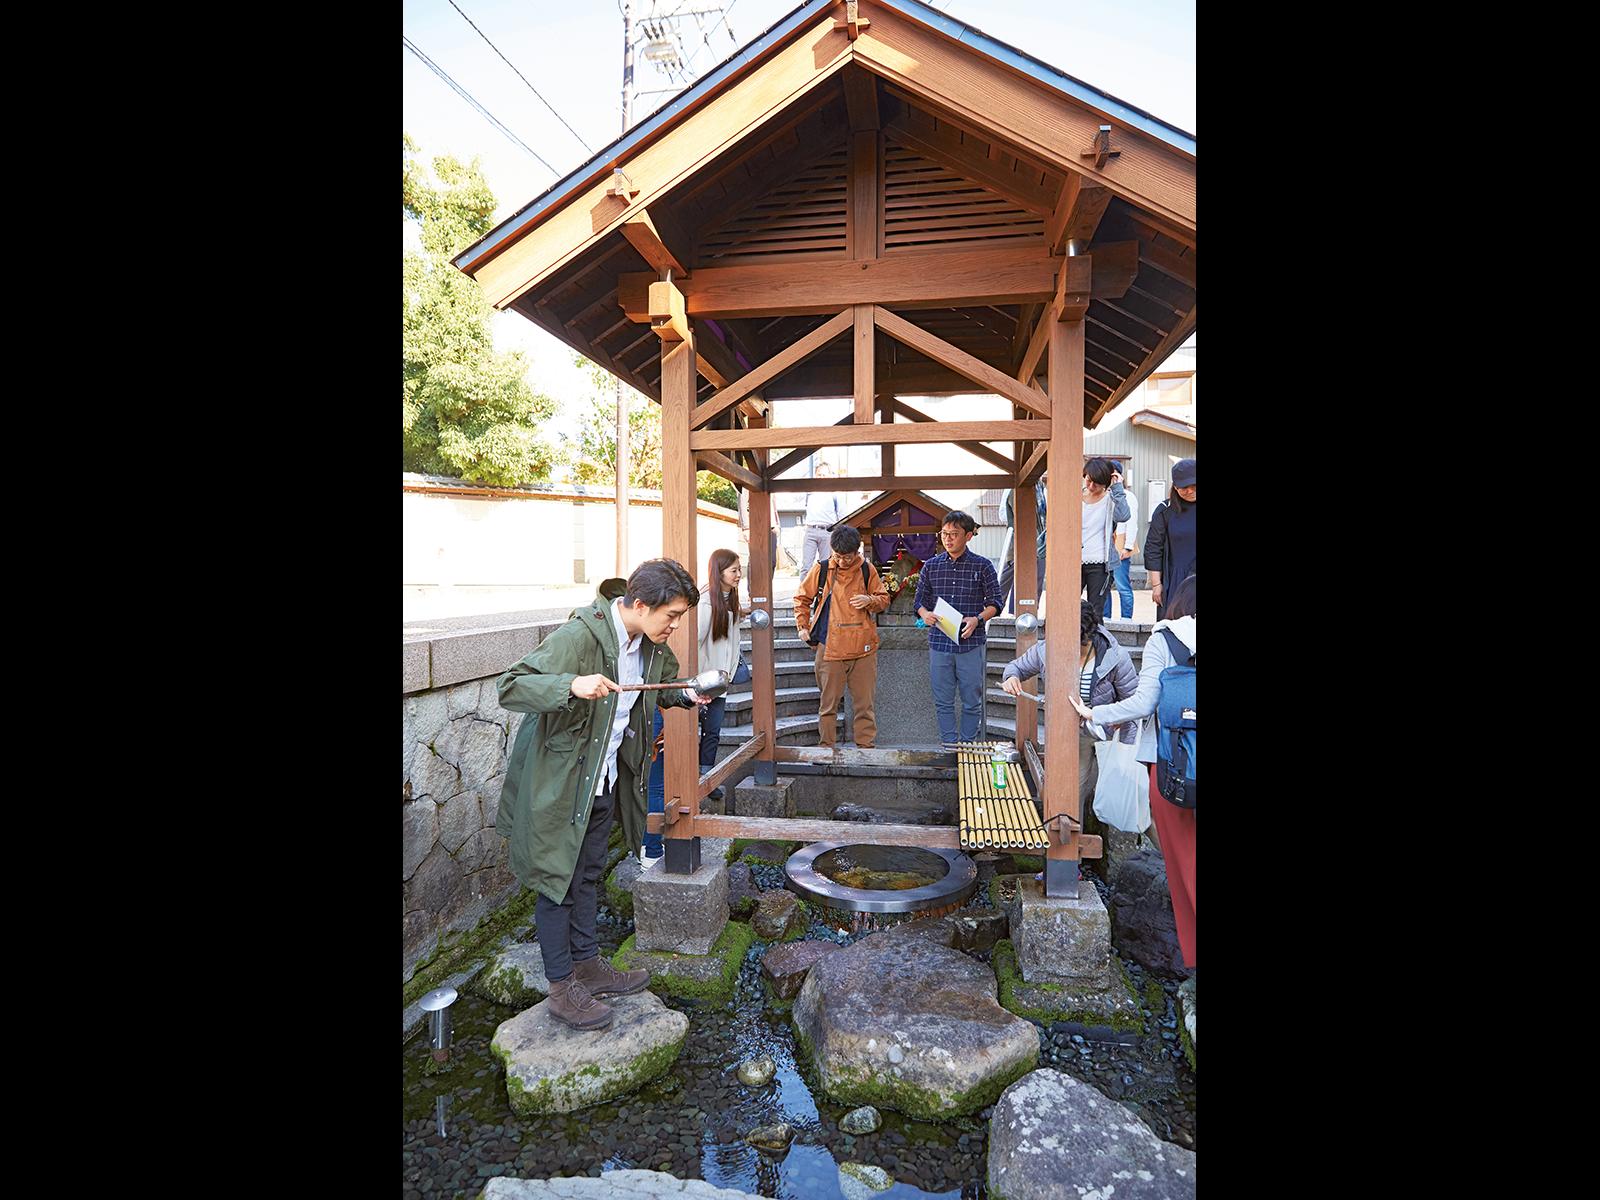 泉町にある湧水地「御清水」。大野の名水のシンボルとなっている。